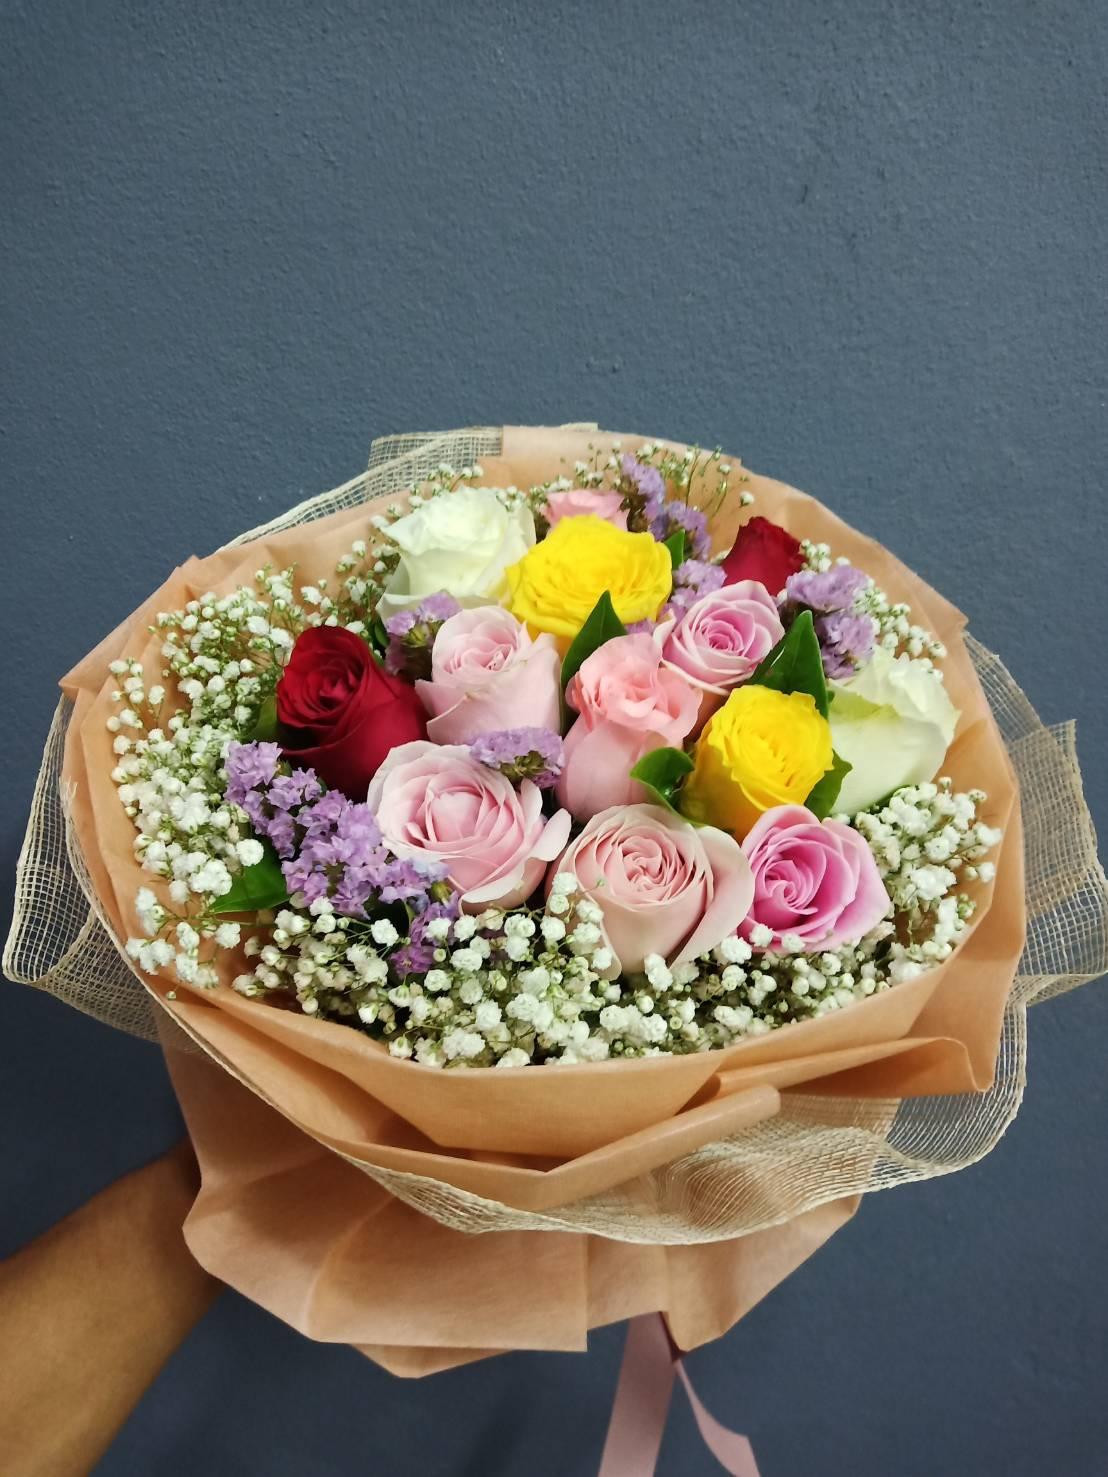 ช่อดอกกุหลาบคละสี แซมด้วยดอกสแตติสและดอกยิปโซ ให้ความสวยงามโดดเด่นสะดุดตา